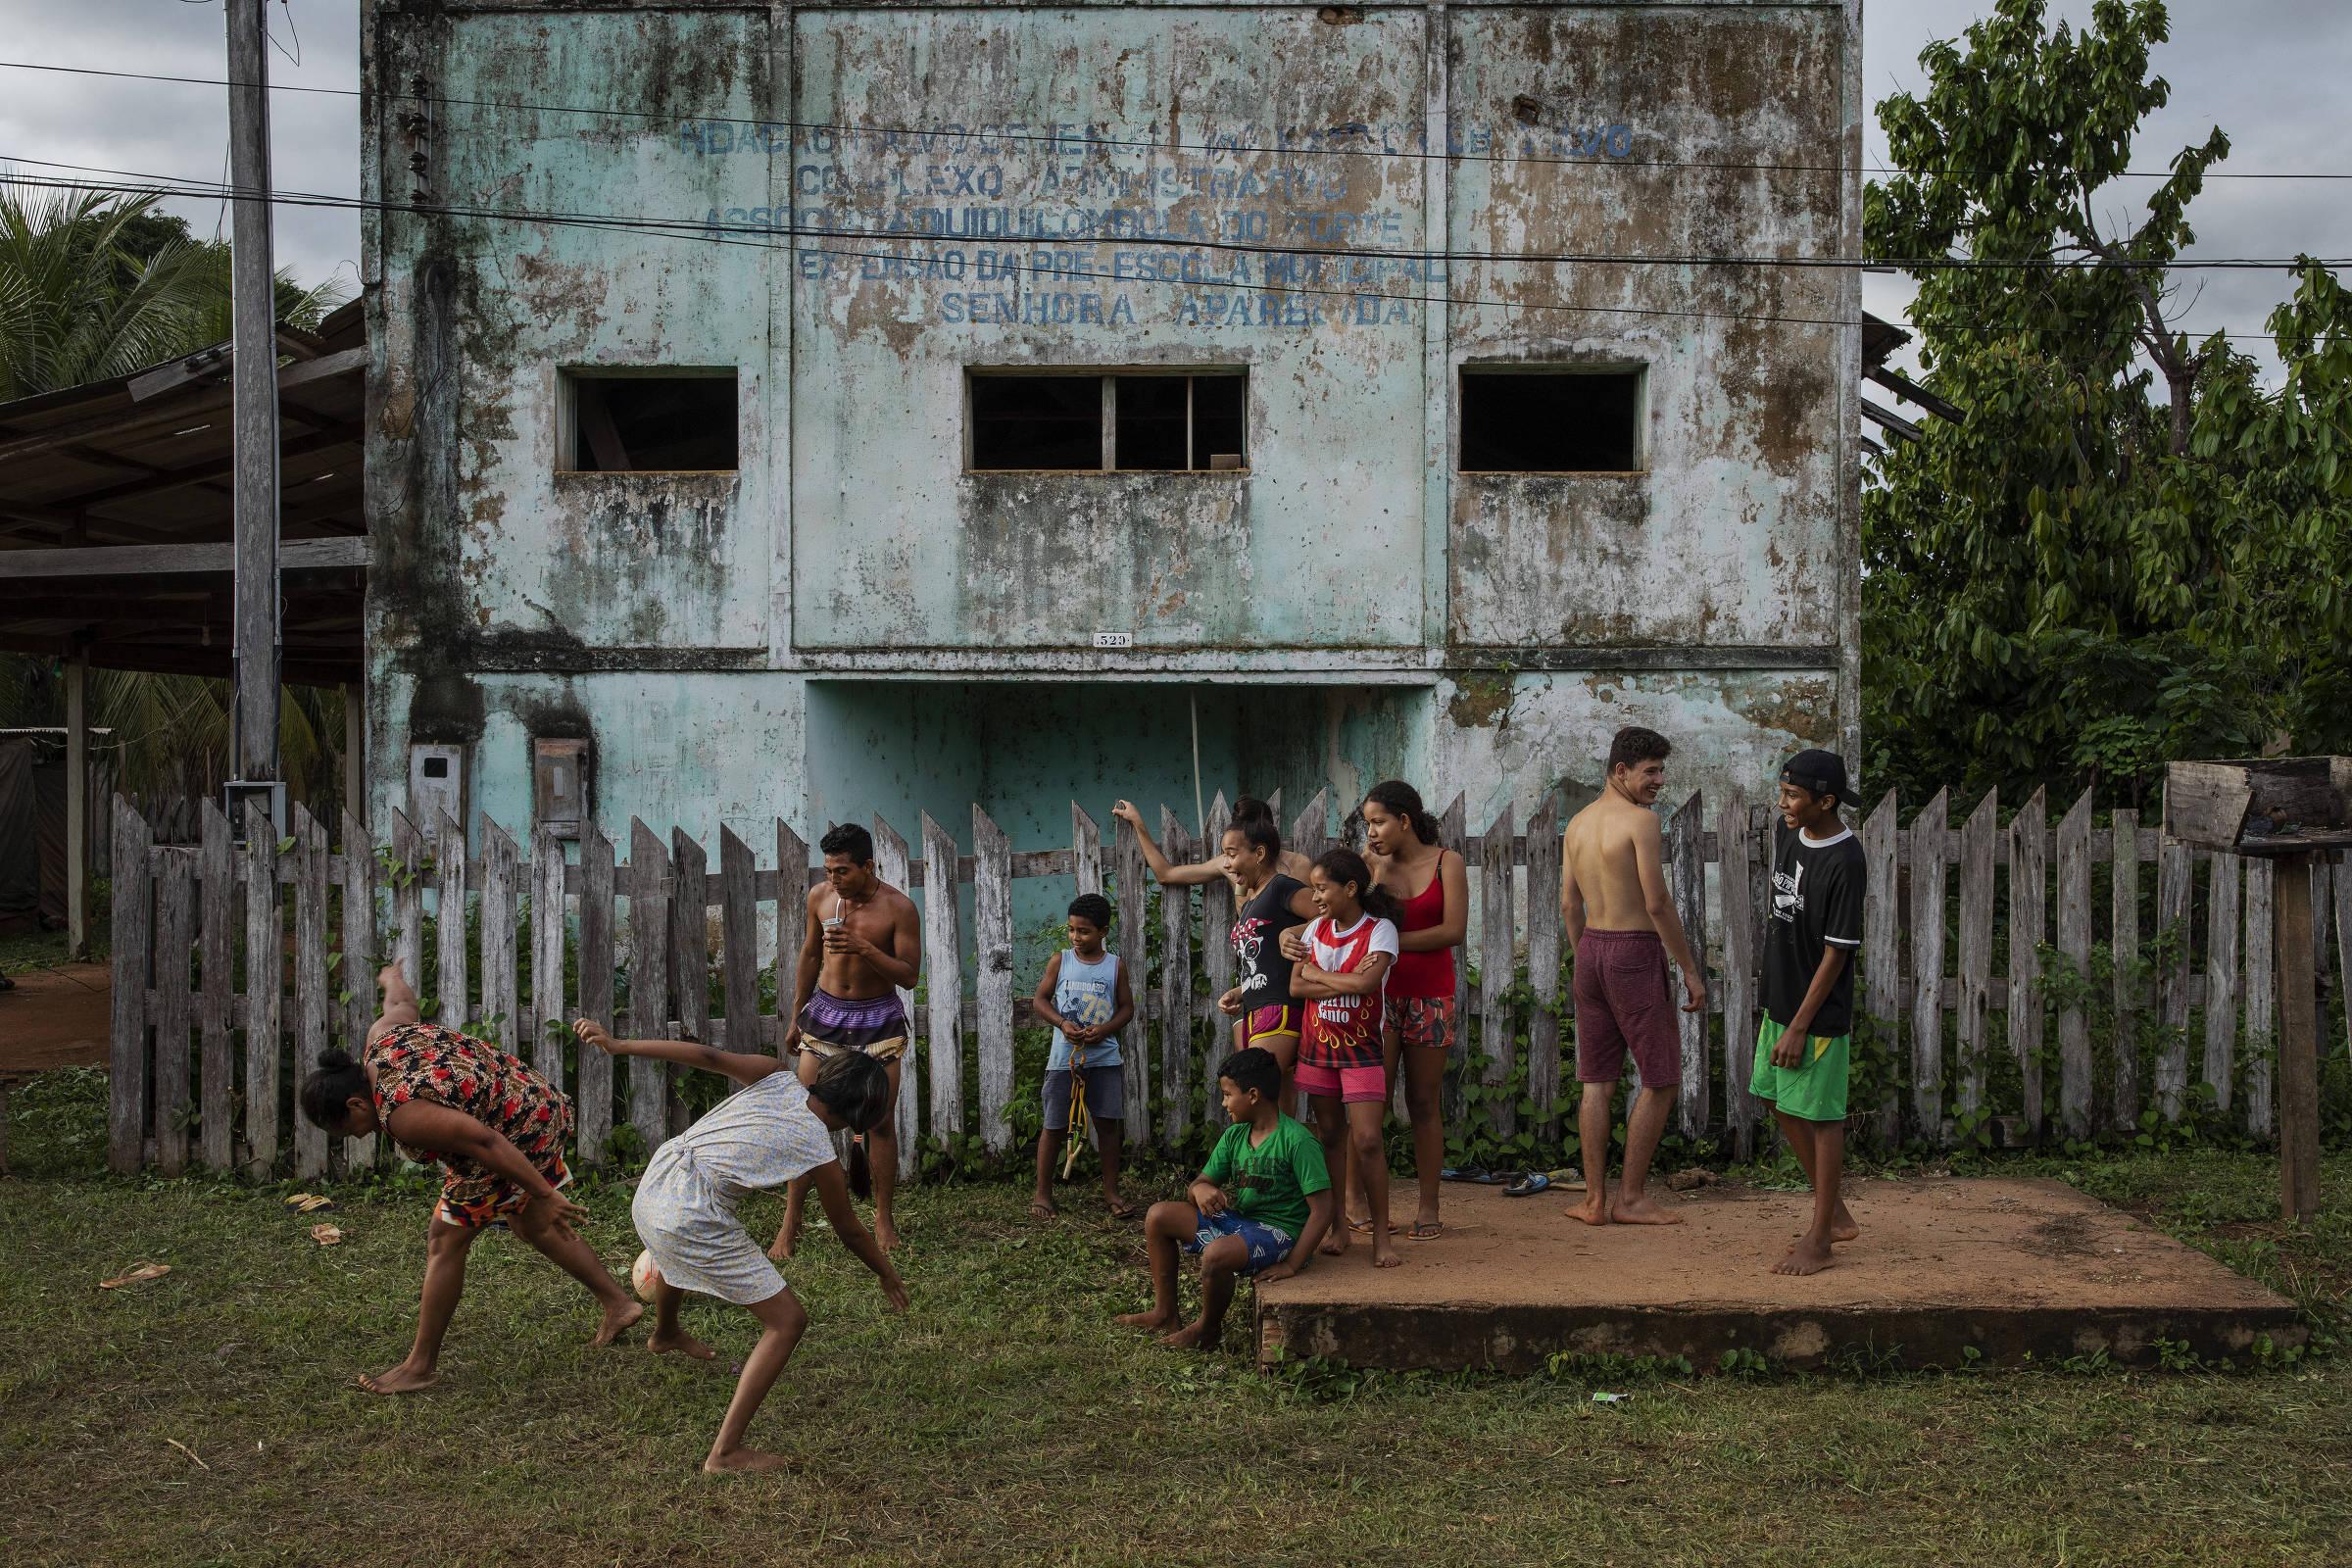 Crianças da comunidade quilombola do Forte Príncipe da Beira assistem a um jogo de futebol em frente à antiga sede da associação da comunidade